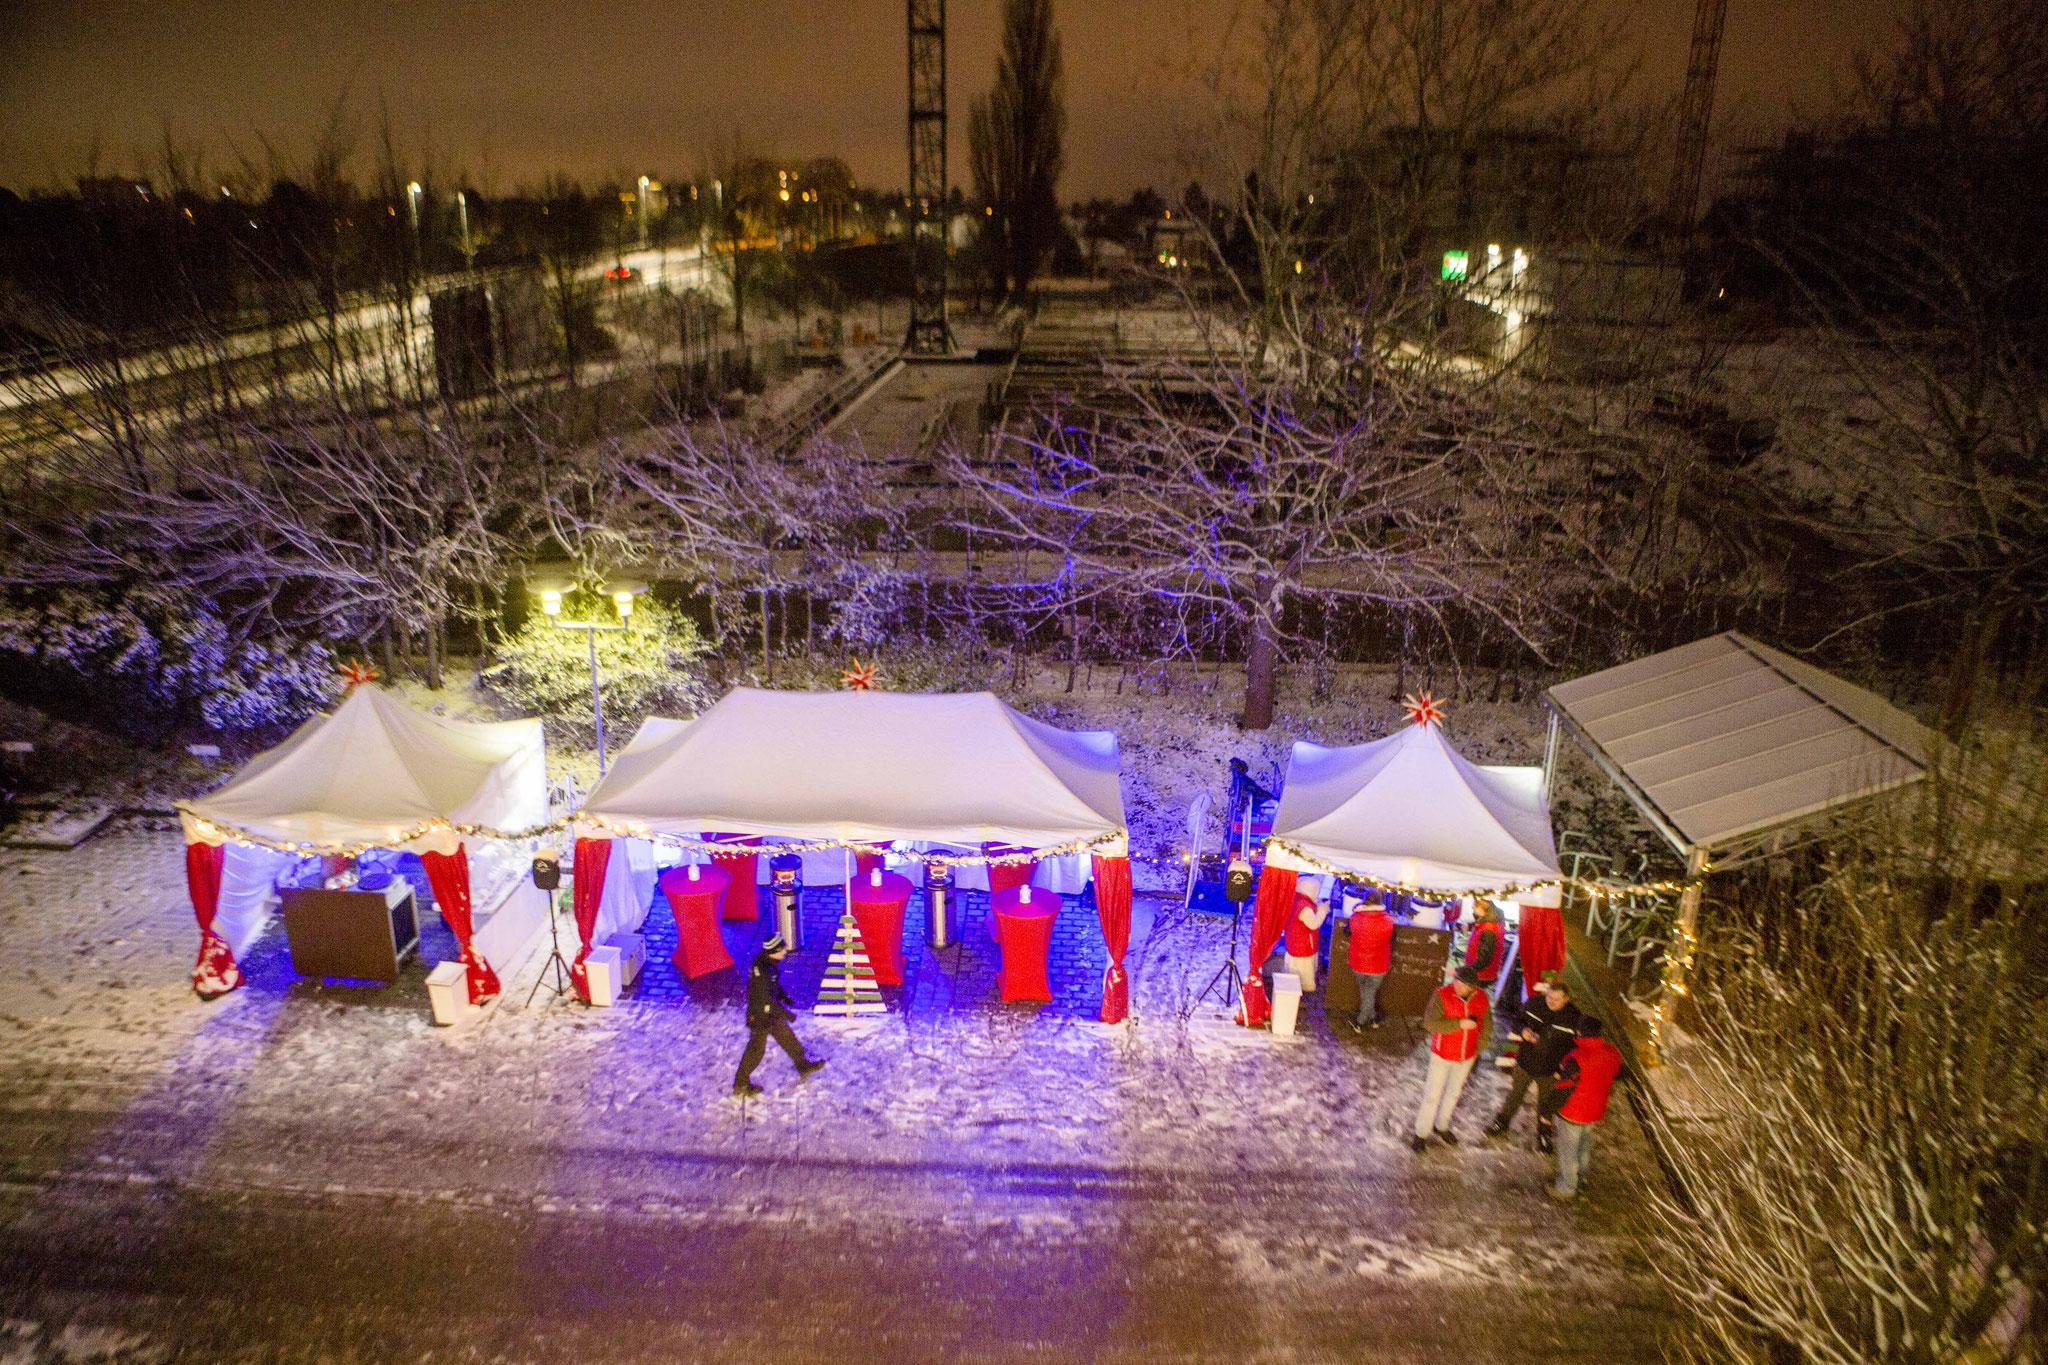 """<h1>Stylisch beleuchtete Pagodenzelte</h1> Nach Weihnachten ist vor Weihnachten - mit schicken Weihnachtspagoden! <a href=""""https://www.mobilerweihnachtsmarkt.de/""""><b>Weitere Infos</b></a>"""